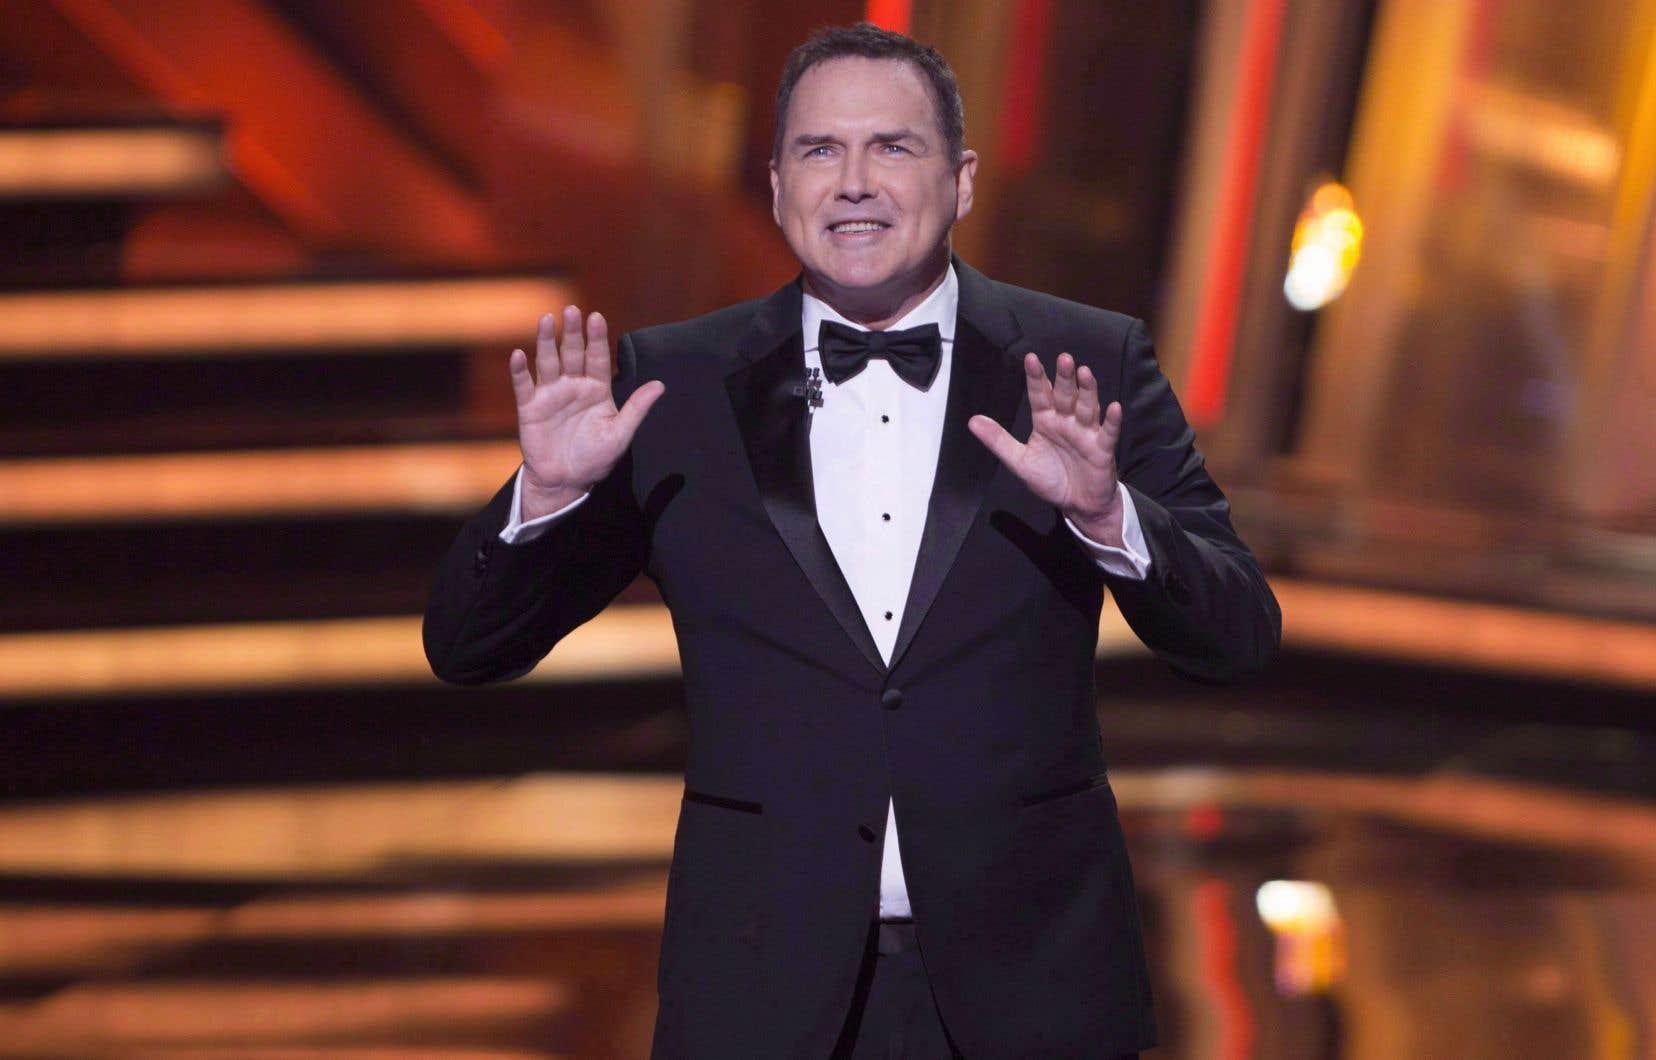 Fils de deux enseignants, Norm Macdonald est né et a grandi à Québec. Il a passé quelques années à faire de la scène comme humoriste, avant de rejoindre «Saturday Night Live» en 1993.